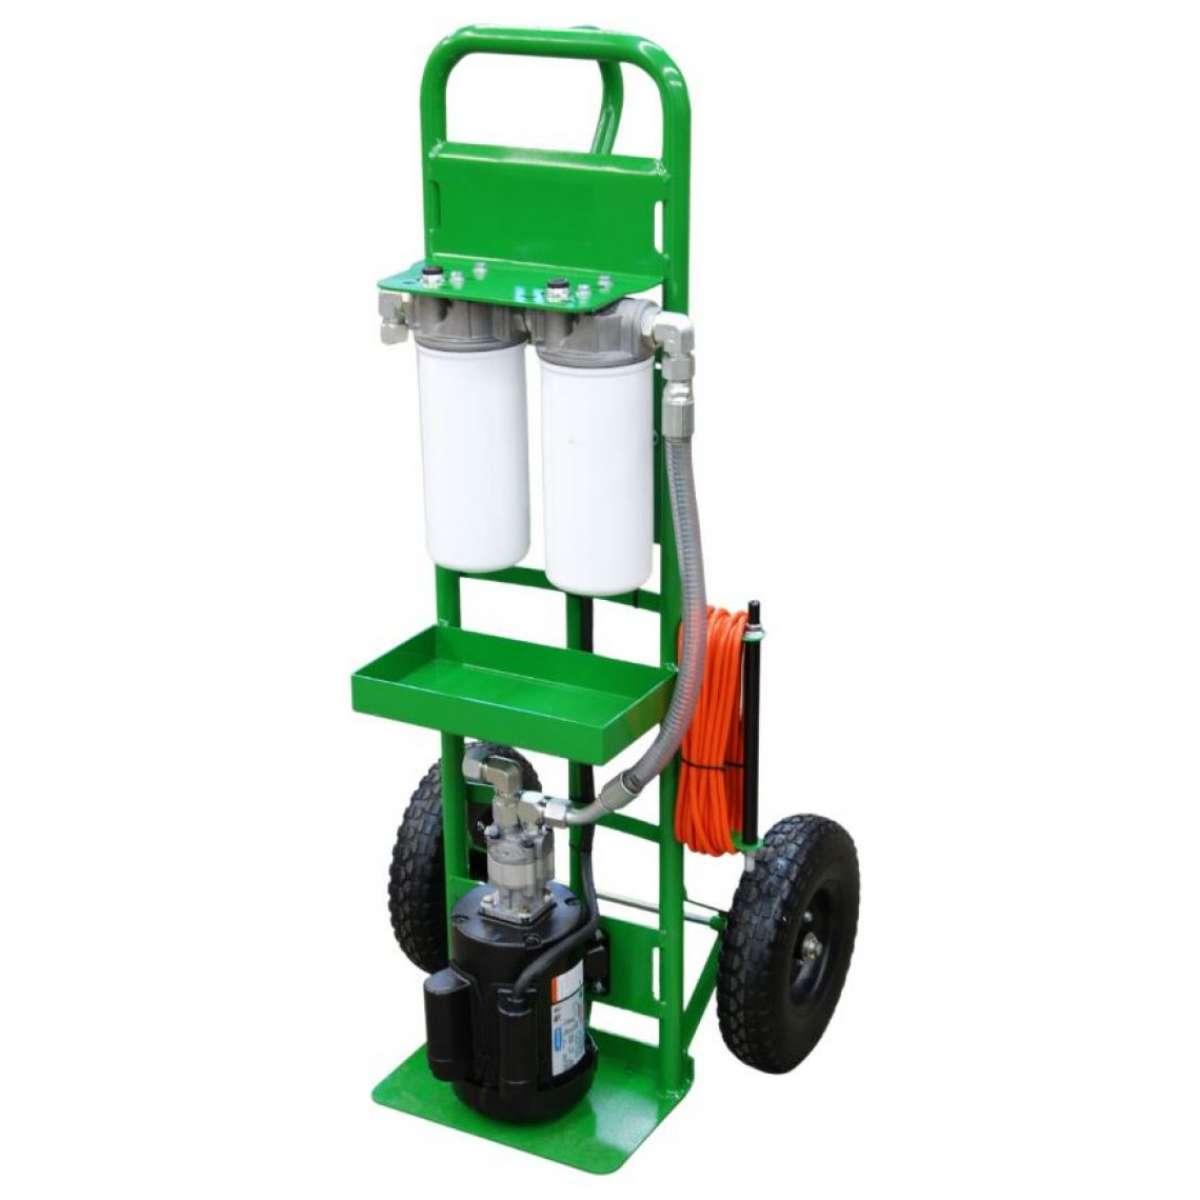 2 Wheeled Hand Truck Filter Cart 1HP 5GPM SPCL